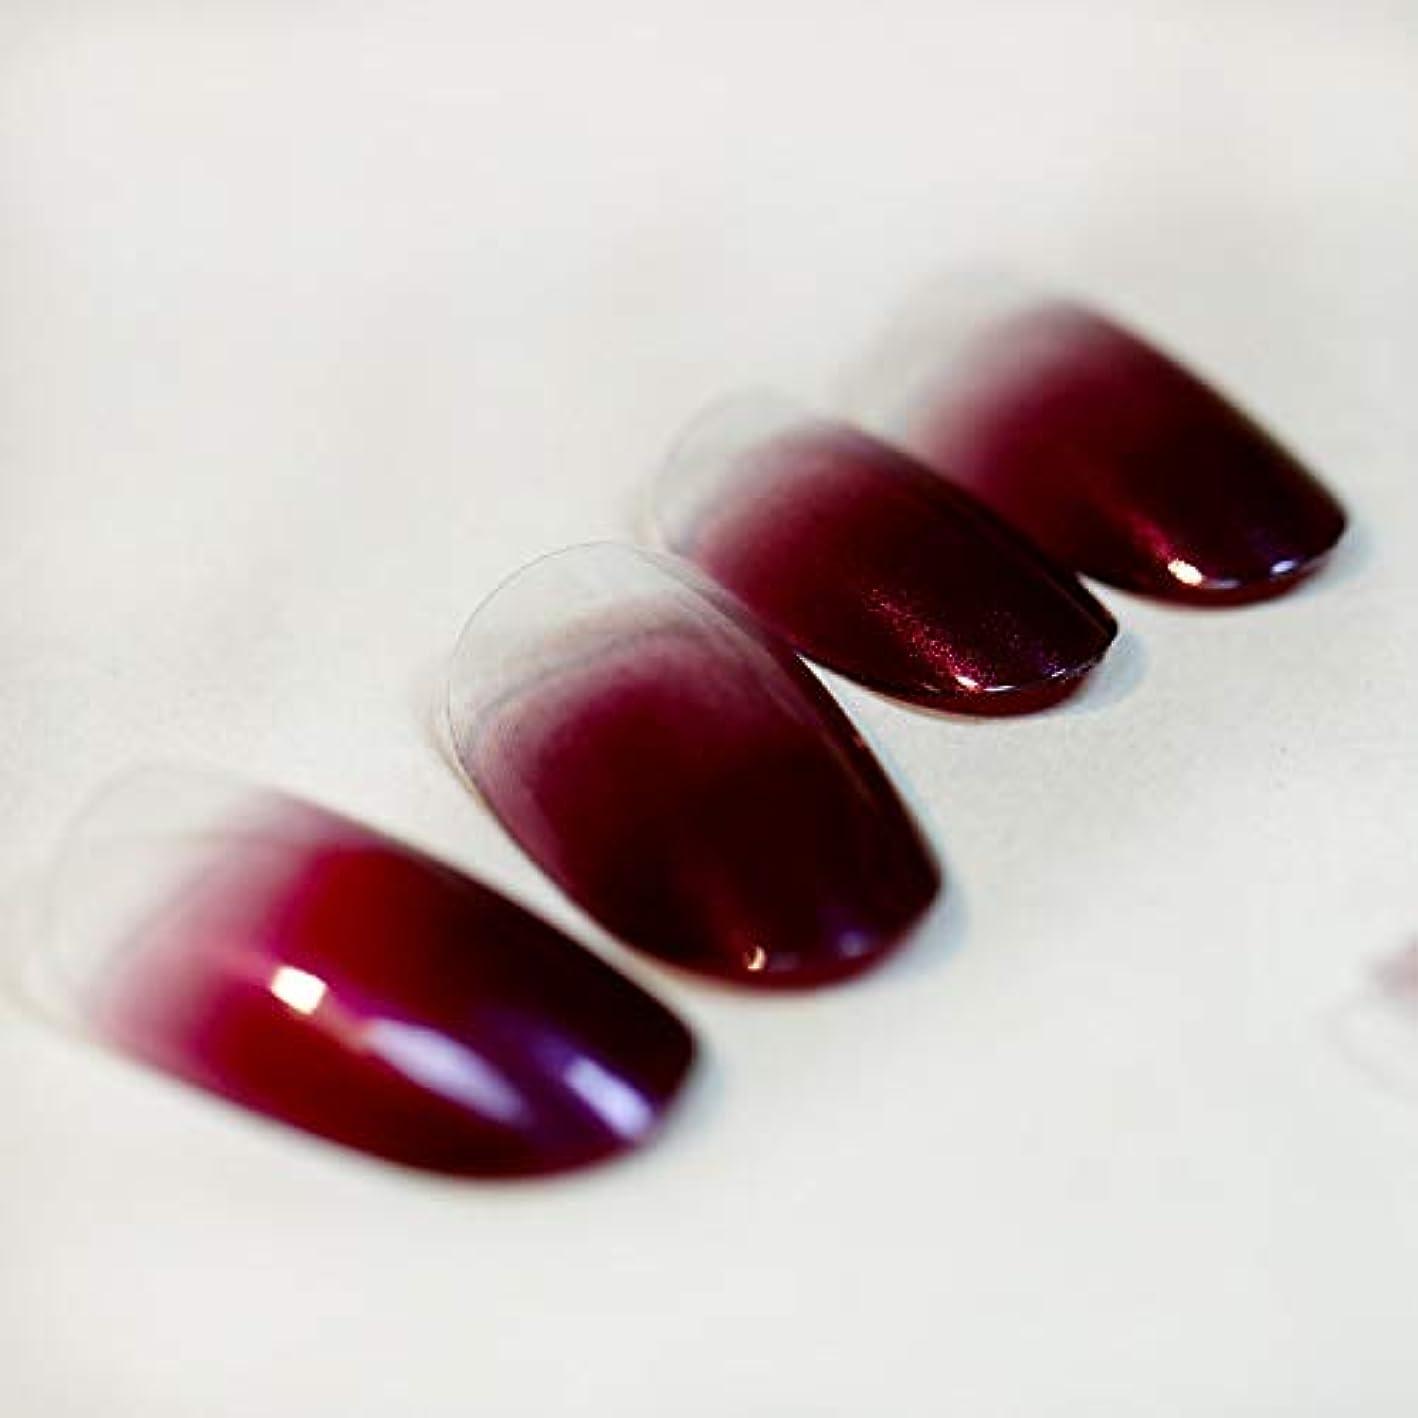 倍率神秘的な緩める高品質 超薄型ネイル 24枚 カラーグラデーション ミディアムレングスラウンドヘッド 人気 いろいろな色のオプション 可愛い優雅ネイル (ワインレッド)